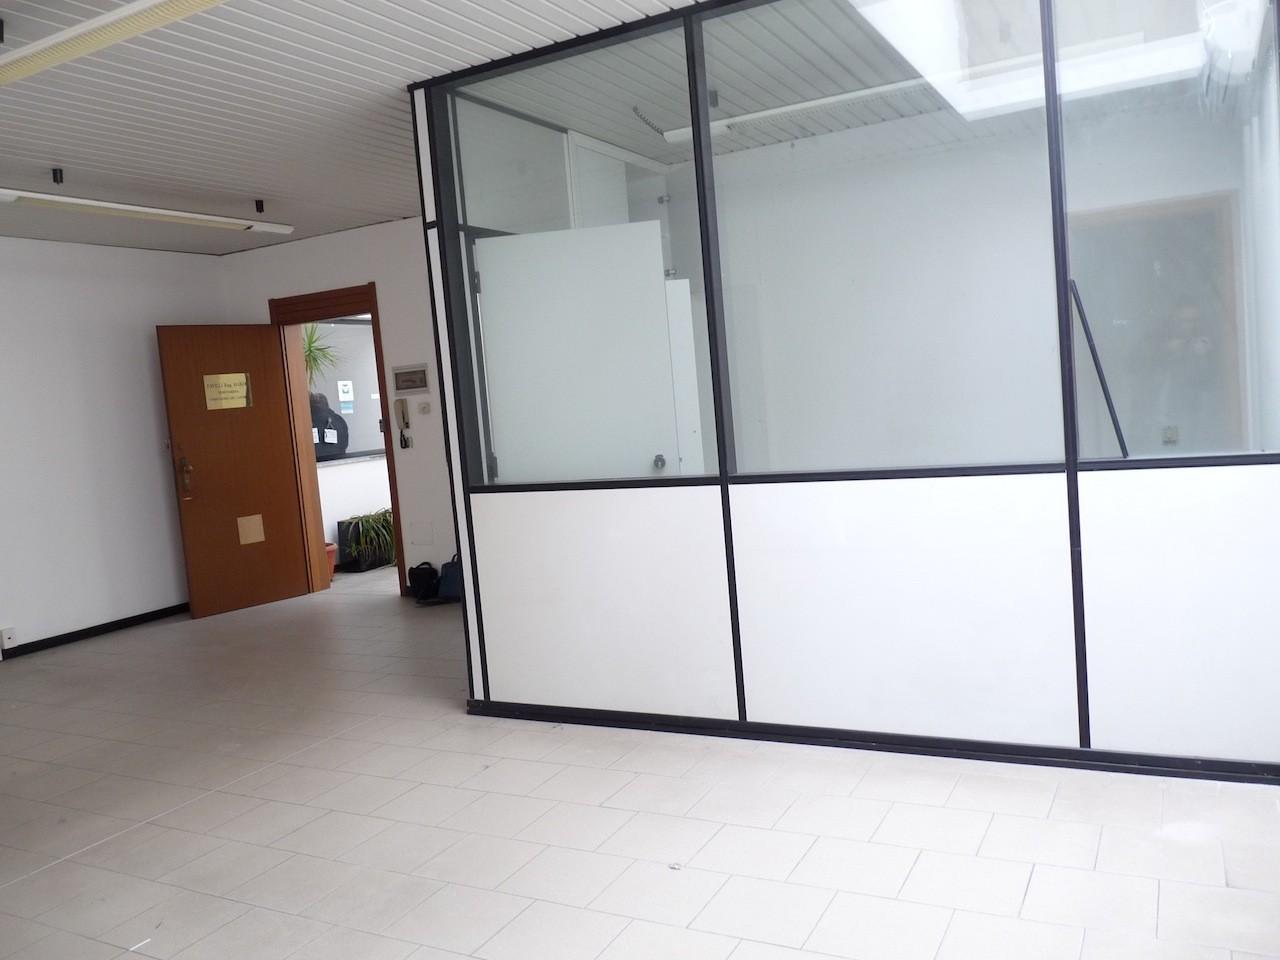 Ufficio / Studio in affitto a Grosseto, 2 locali, prezzo € 350 | CambioCasa.it